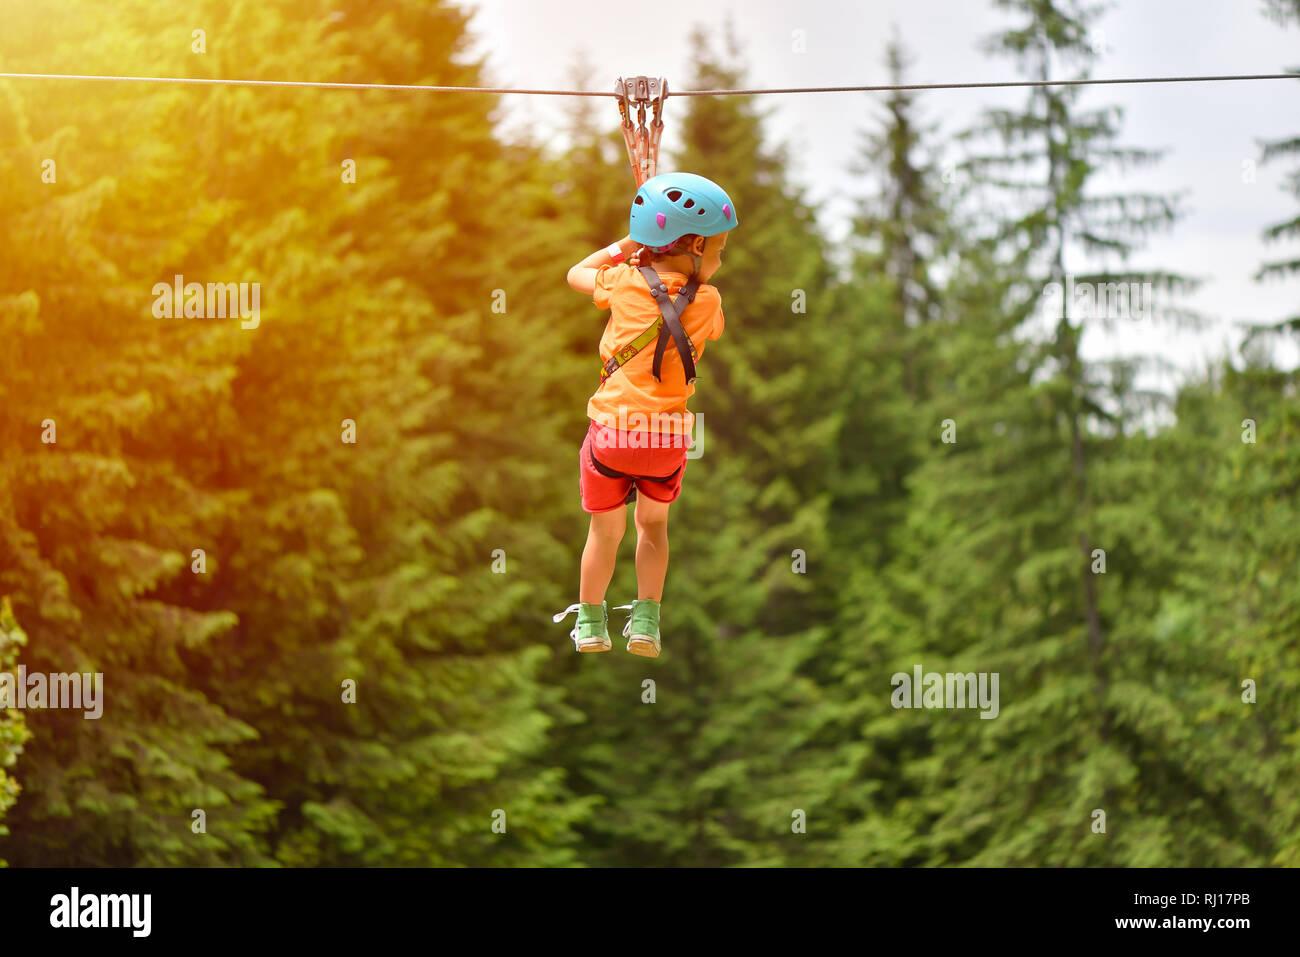 Klettergurt Baum : Glückliches kind mit helm und klettergurt auf zip line zwischen